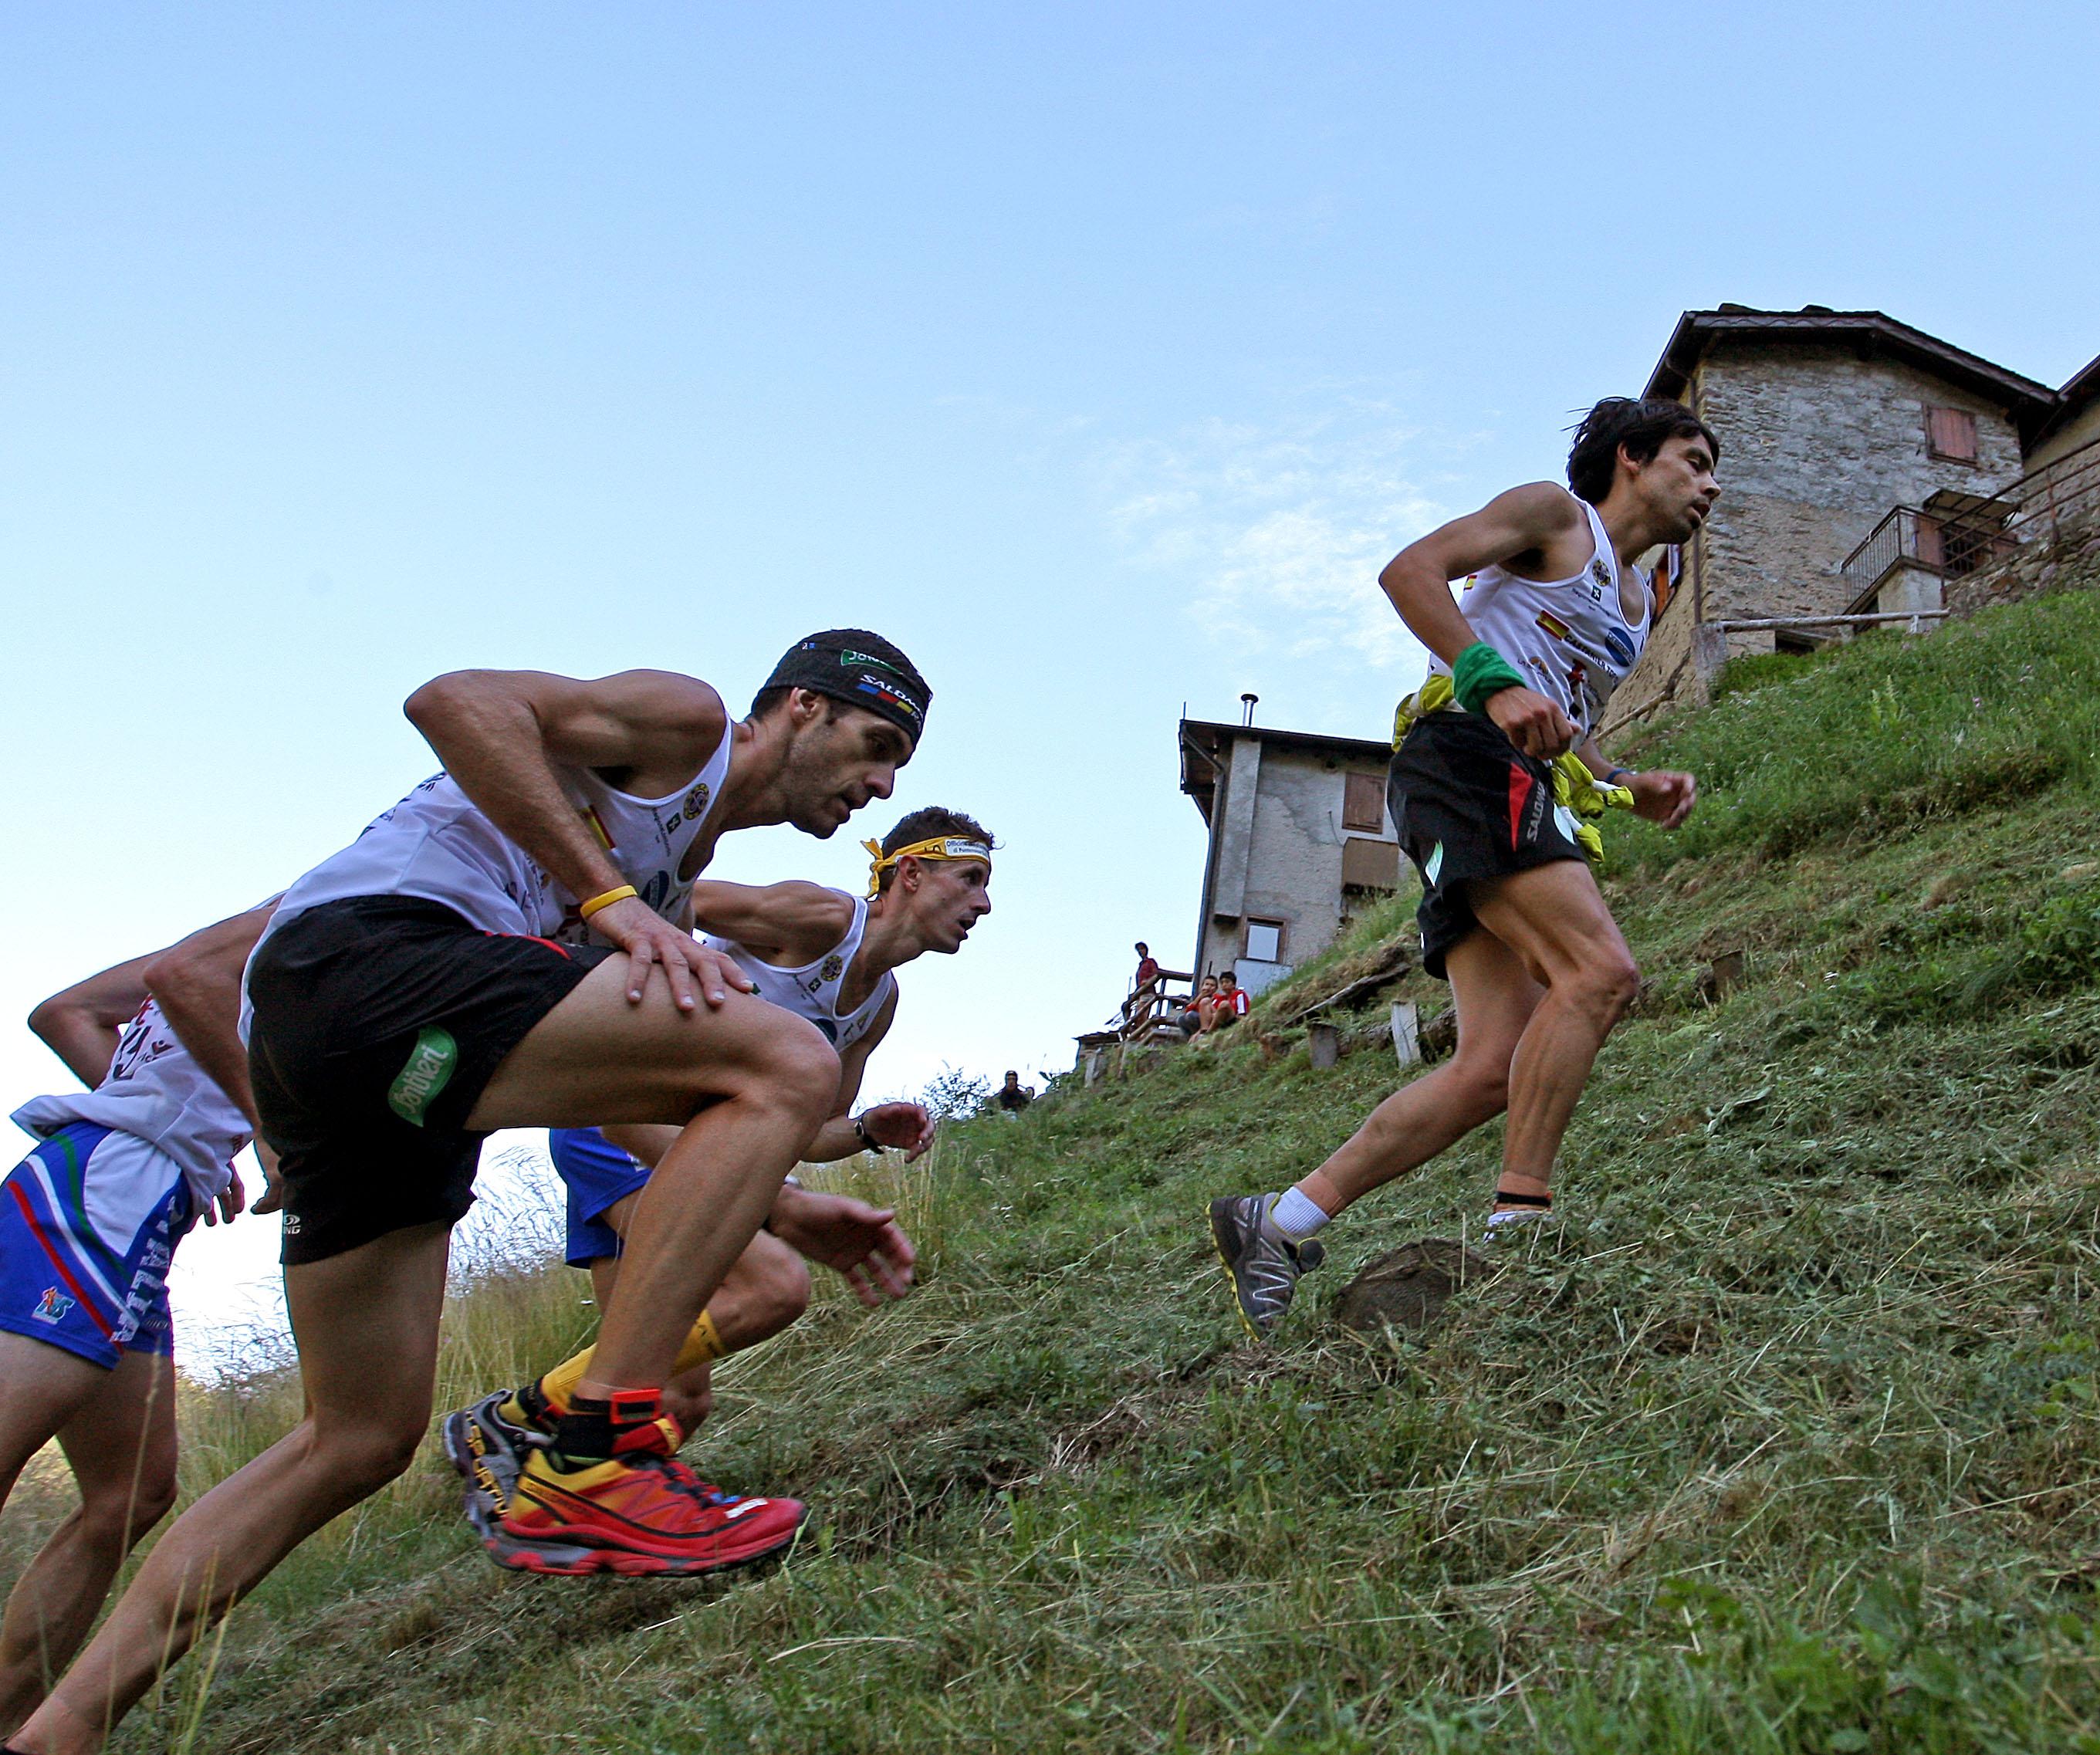 Giir di Mont, skyrunning sui monti di Lecco. Le novità dell'edizione 2011